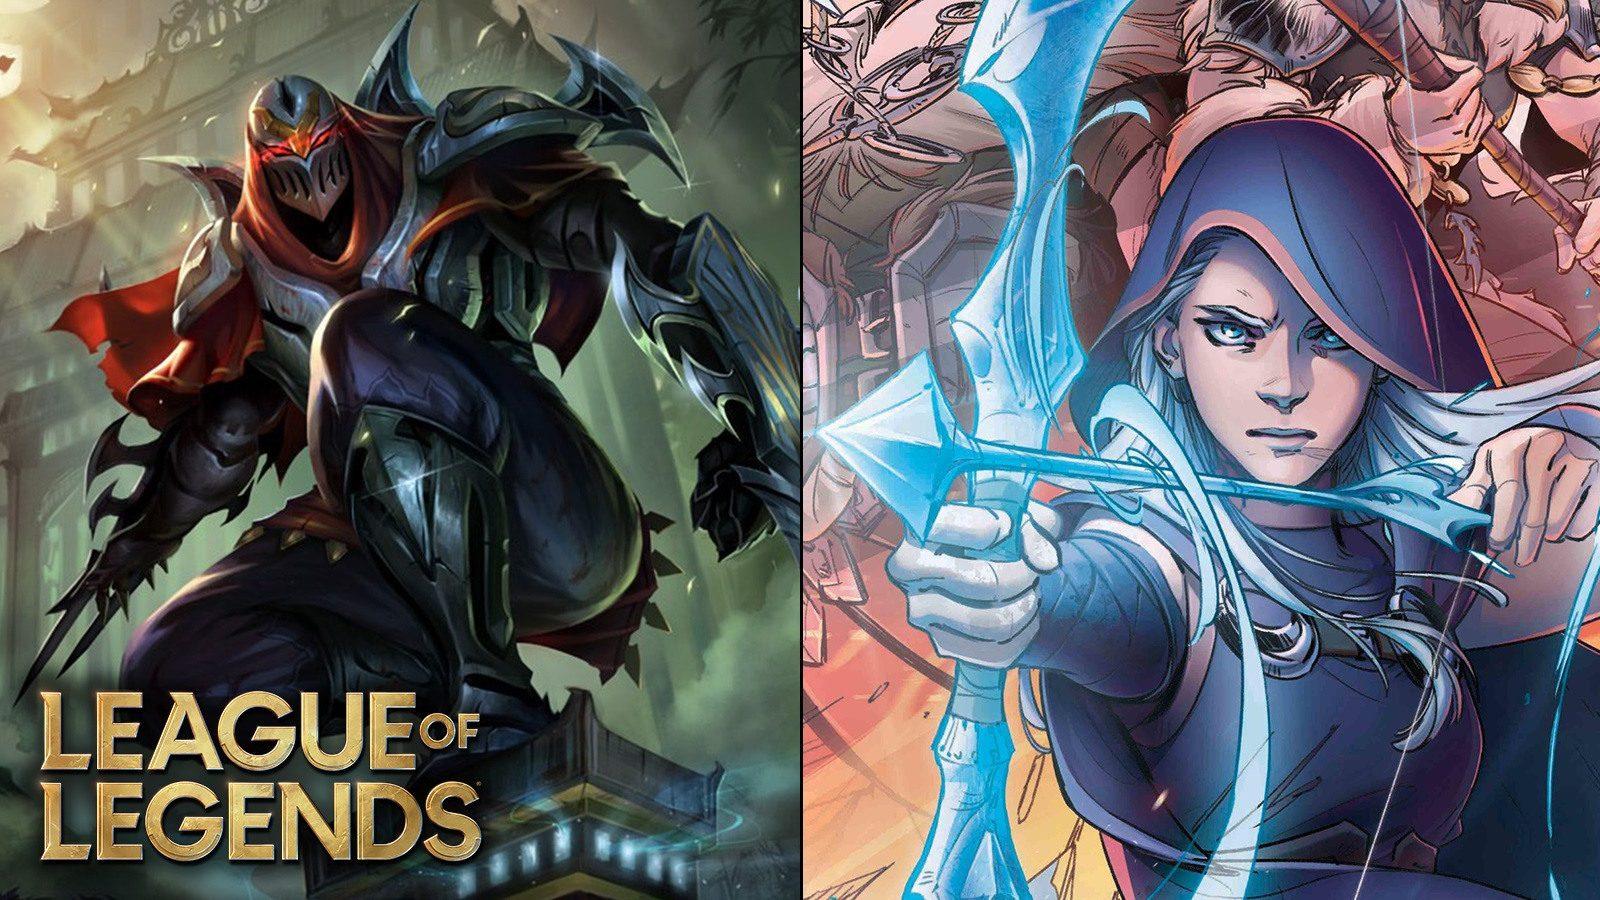 影流之主在路上 《英雄联盟》将与漫威合作再推出3部漫画